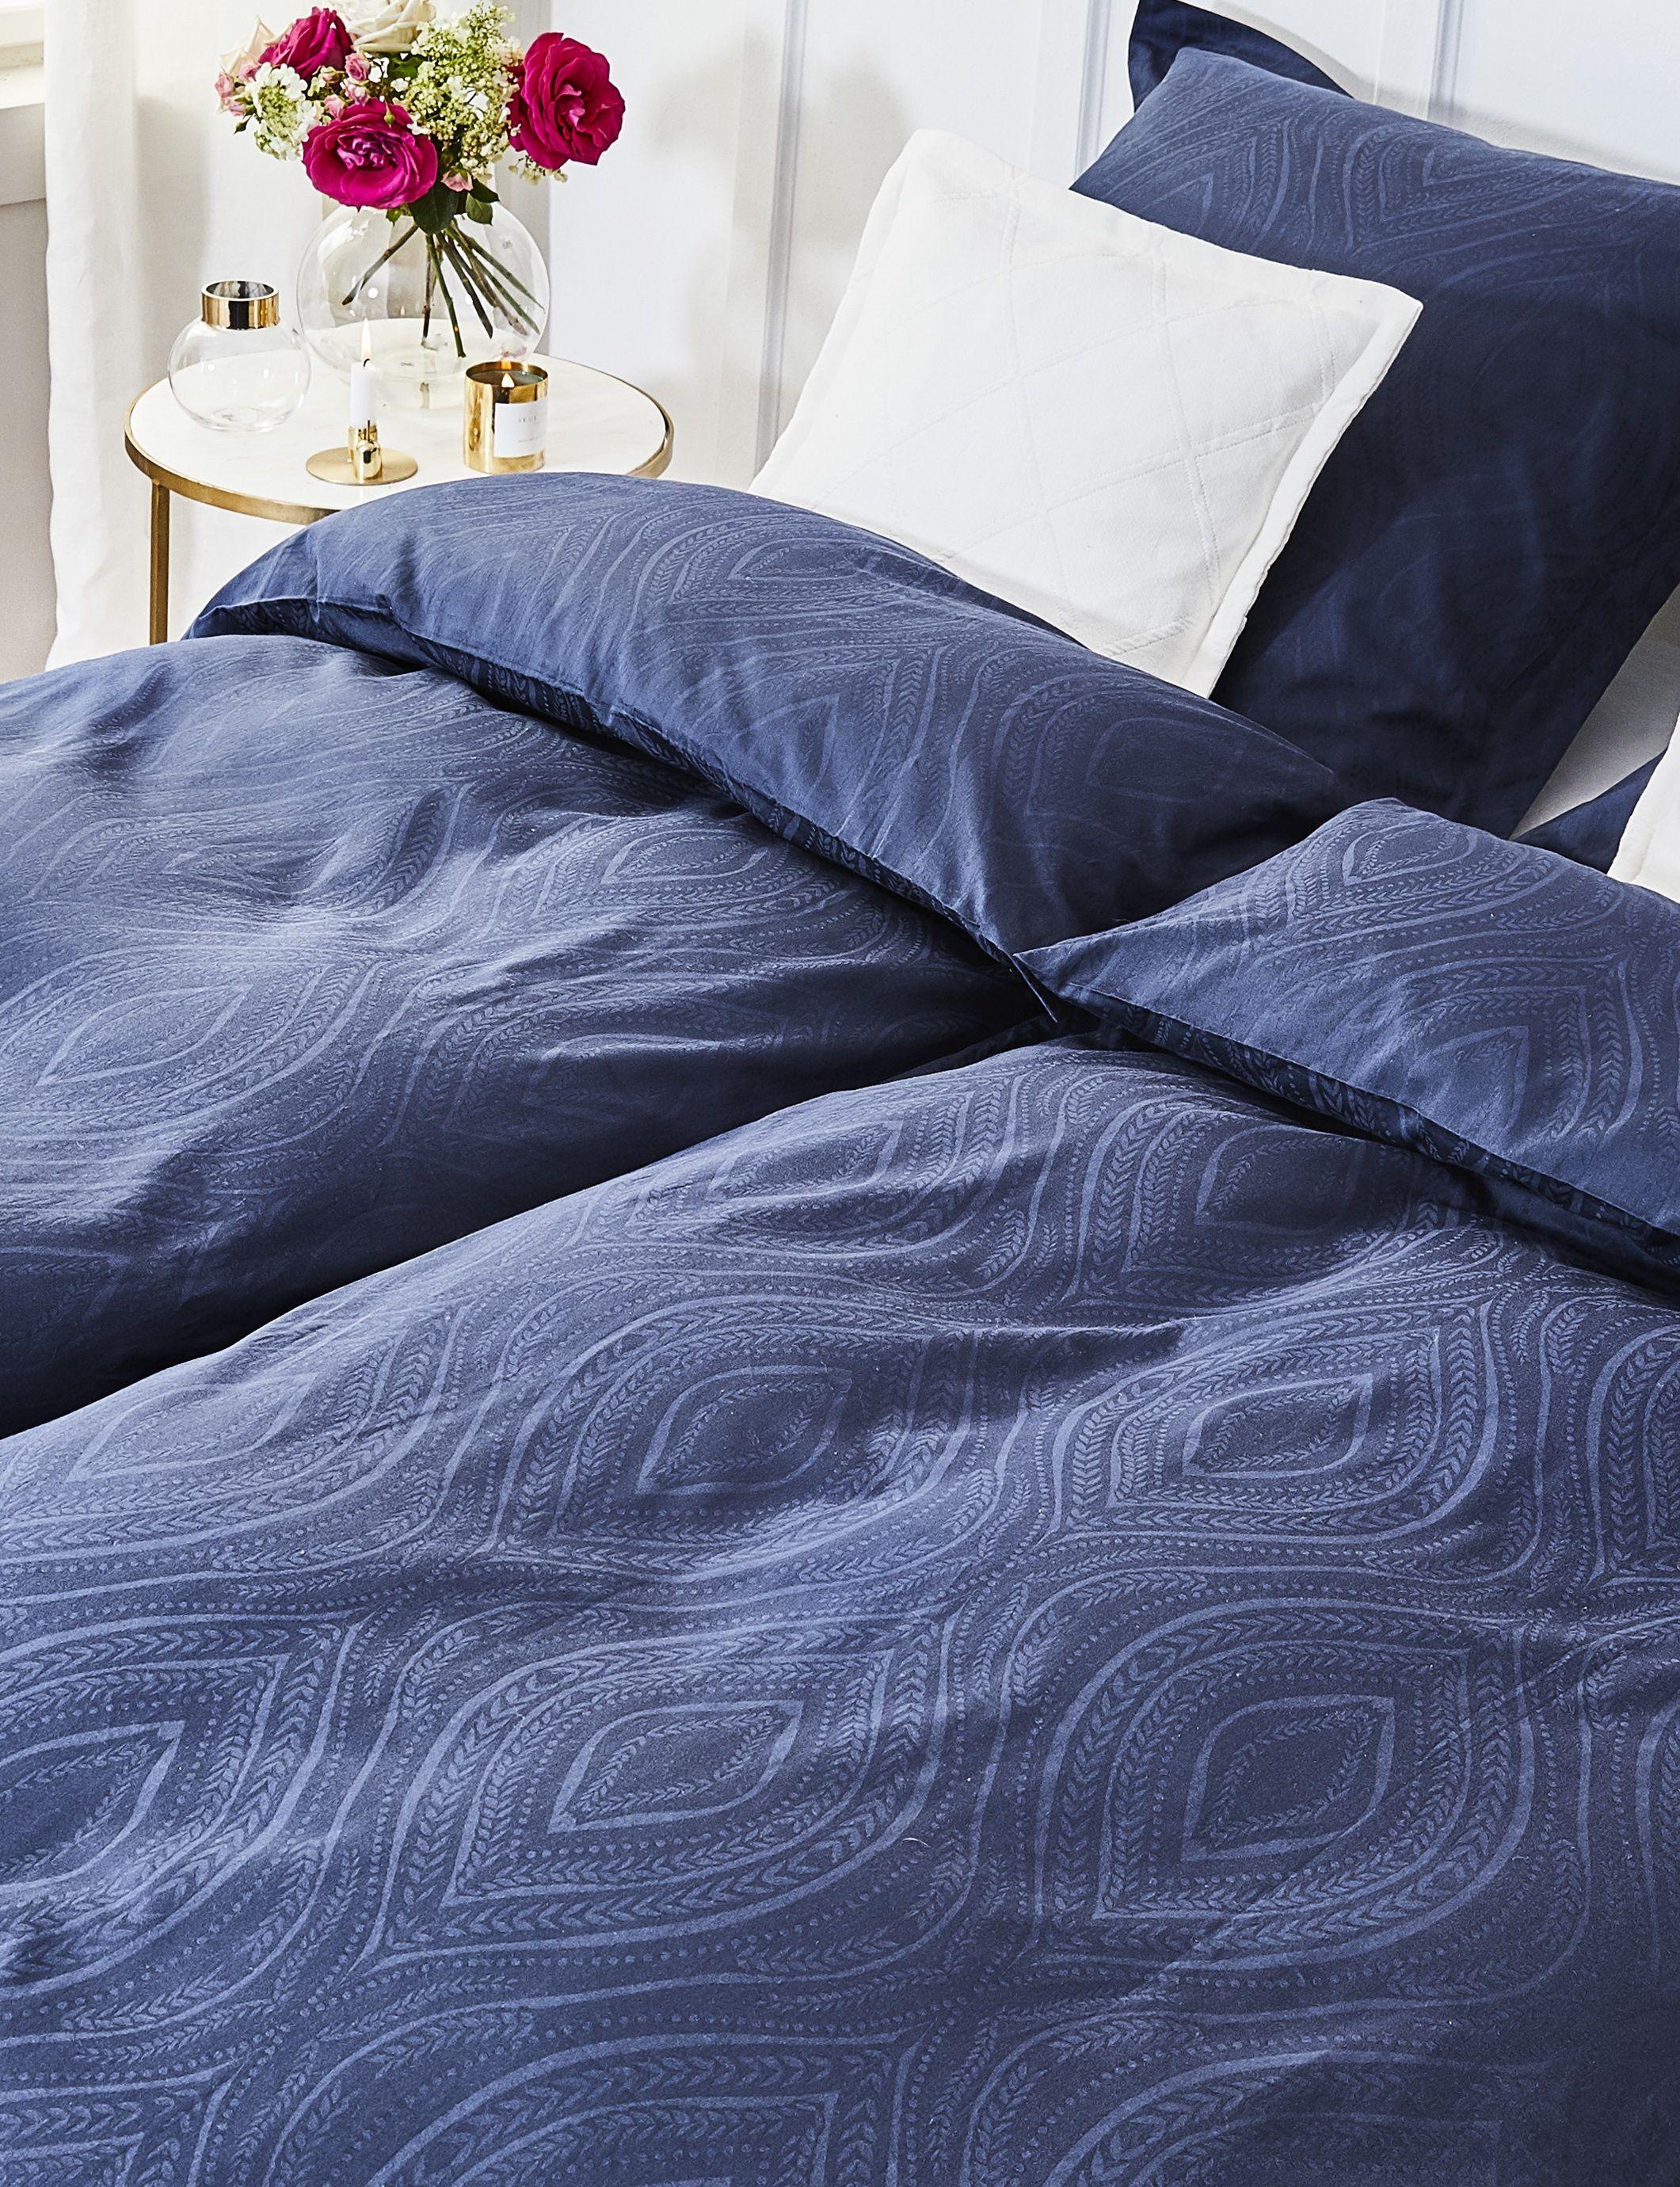 Bettwäsche In Blau Kann So Vielseitig Sein Wie Die Persönlichkeit